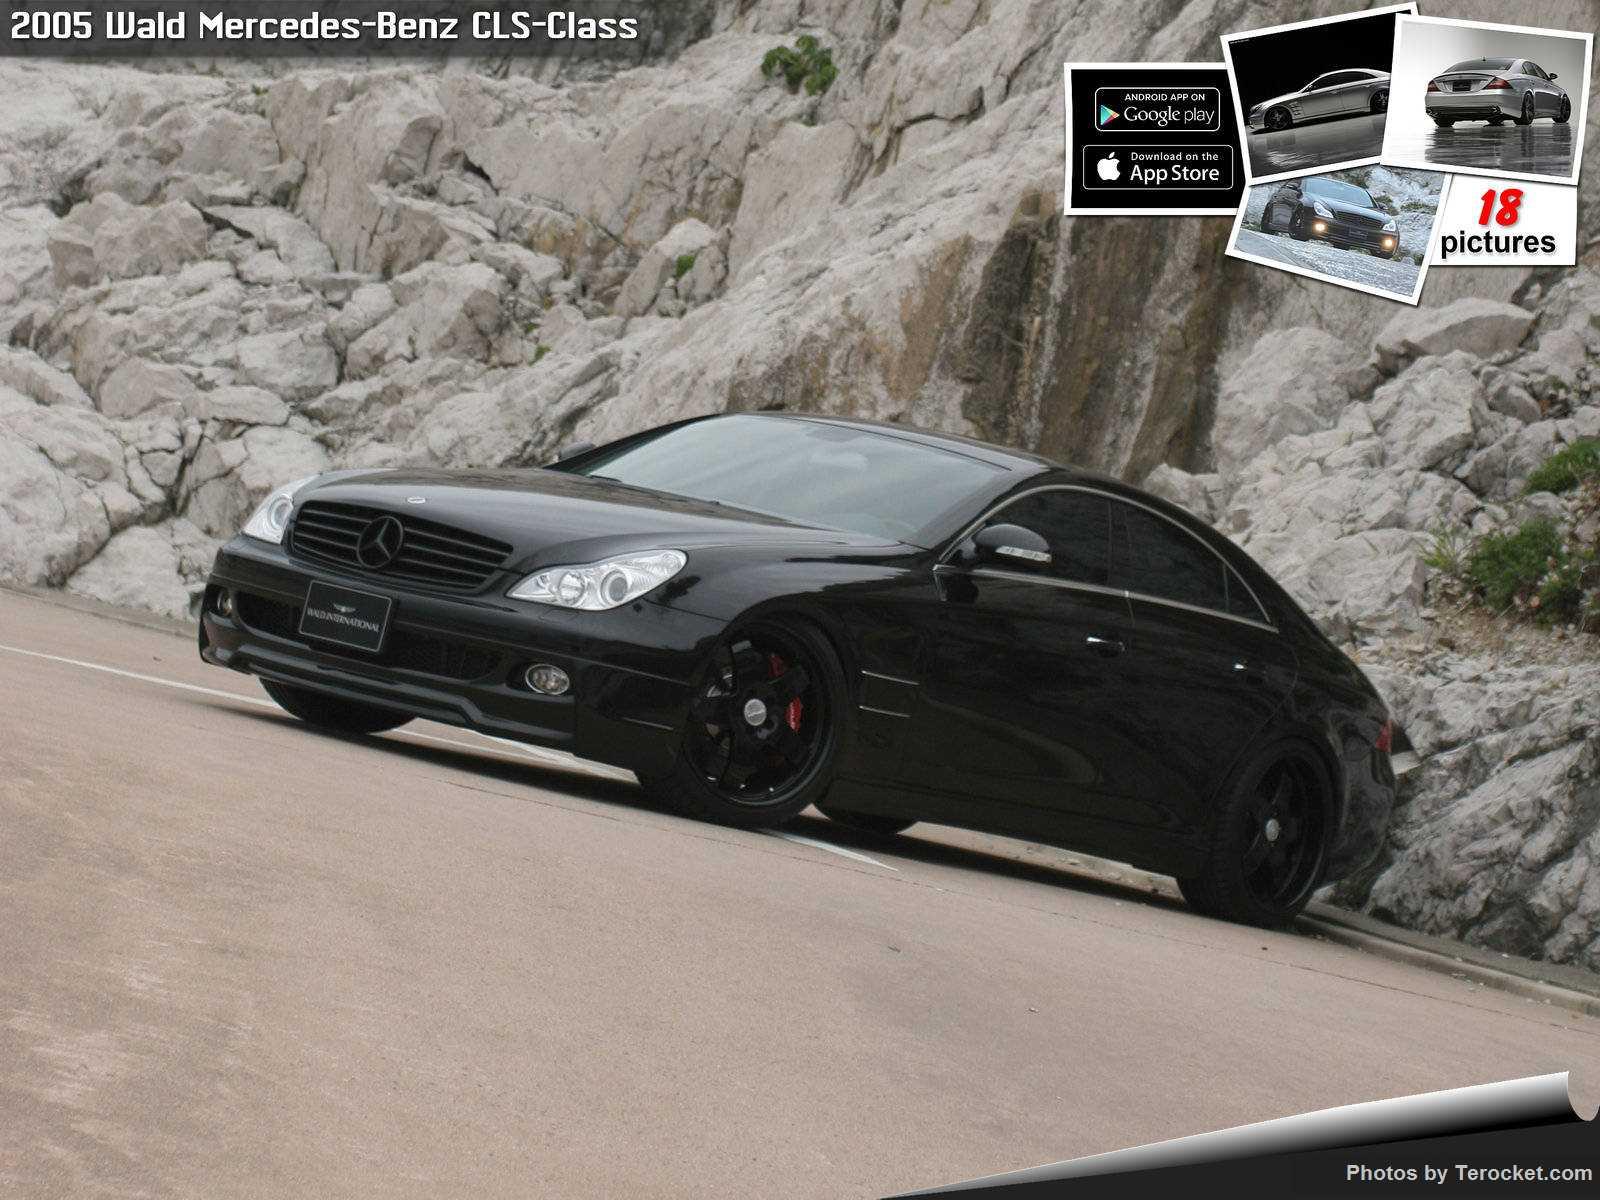 Hình ảnh xe độ Wald Mercedes-Benz CLS-Class 2005 & nội ngoại thất